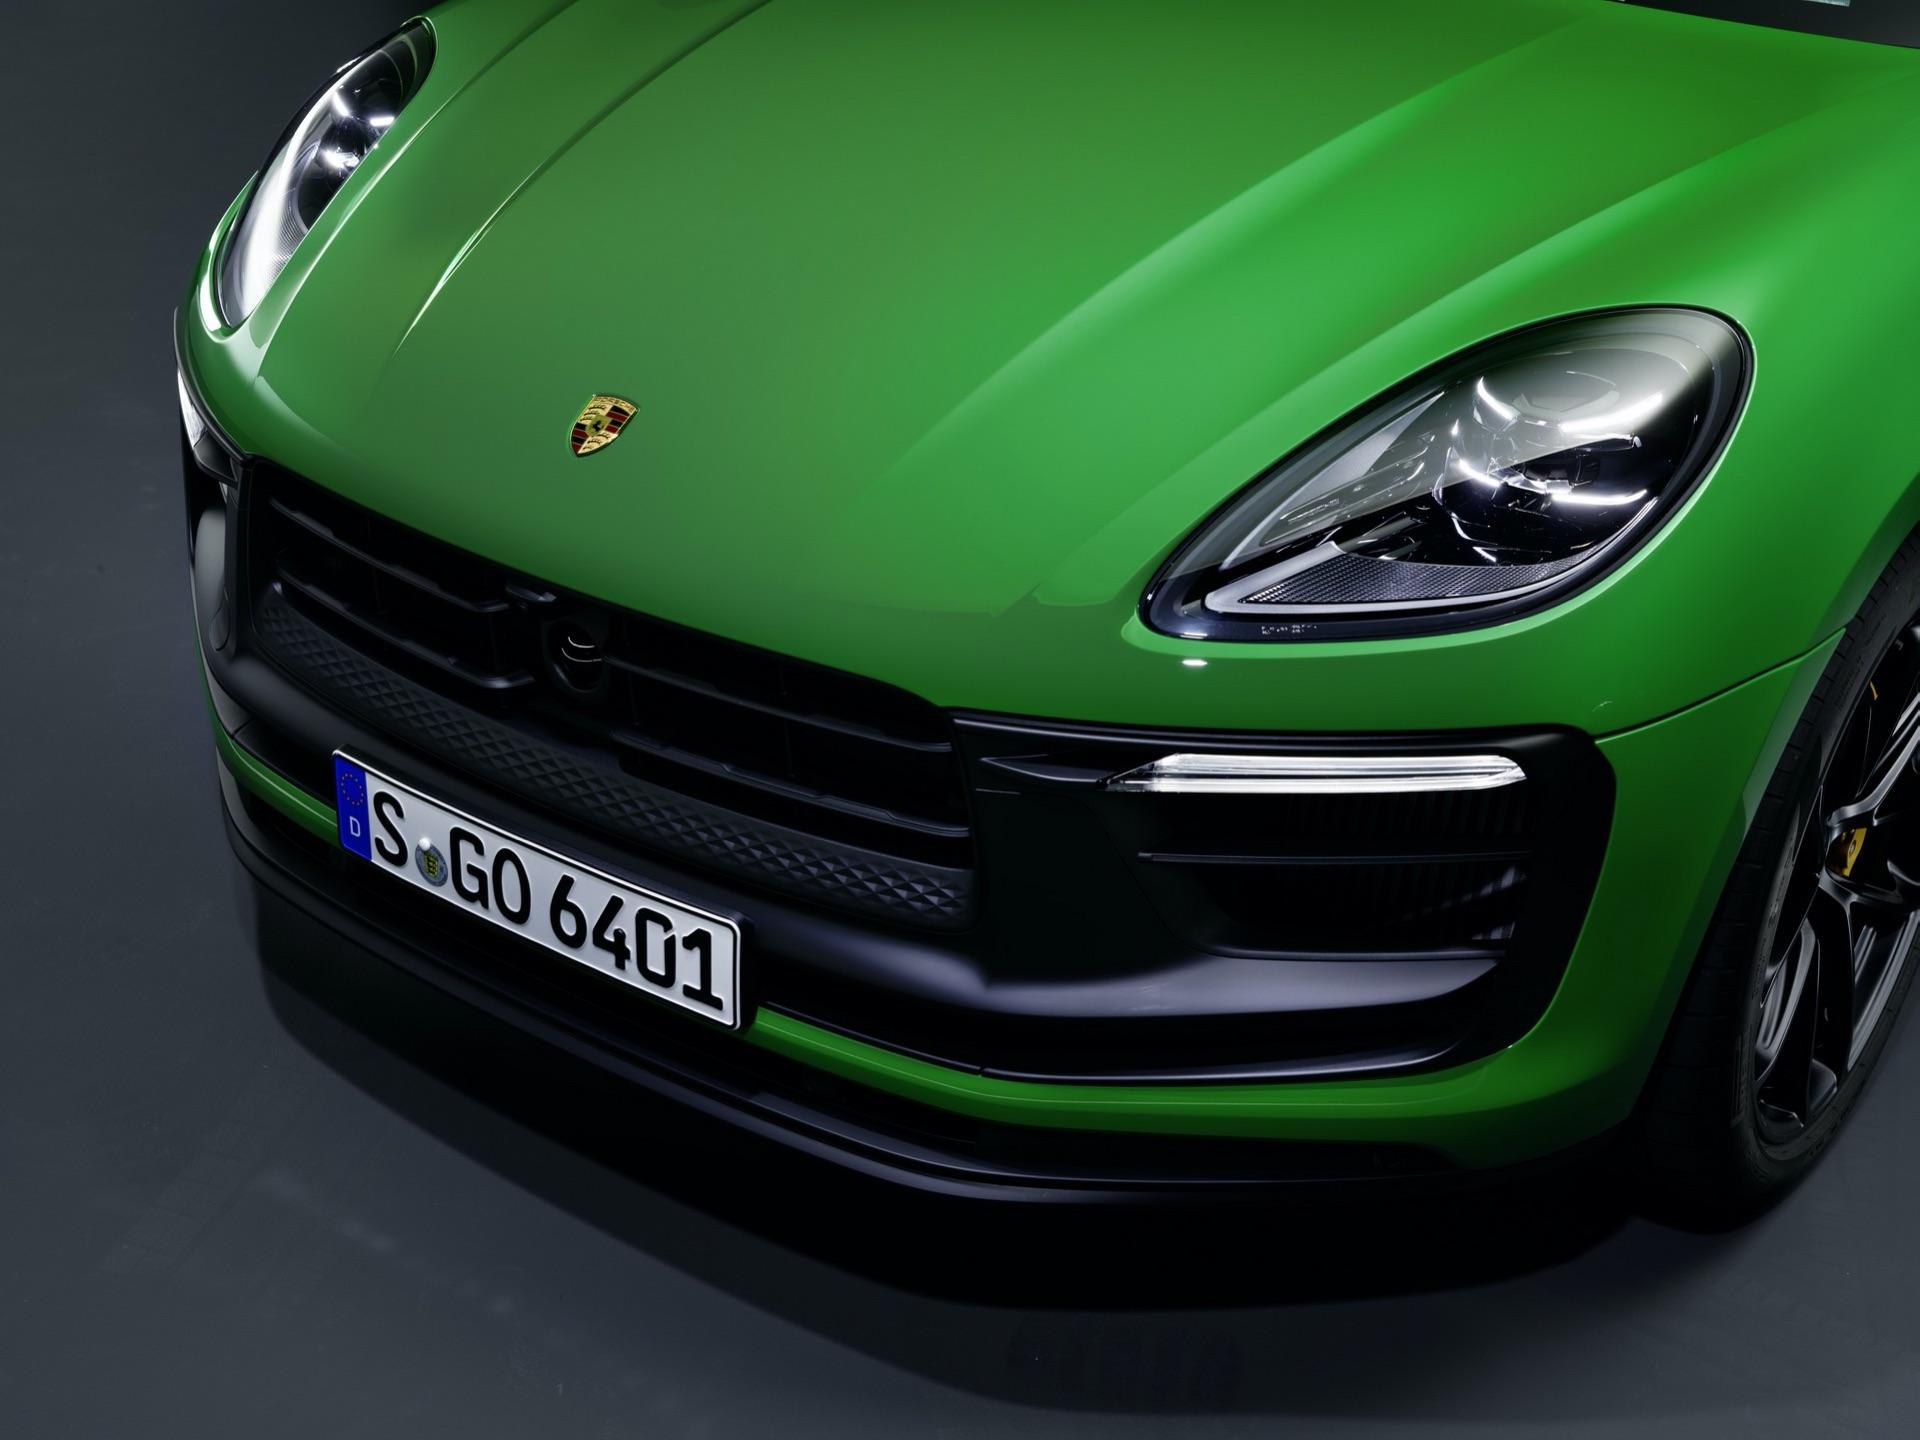 Porsche-Macan-Facelift-58